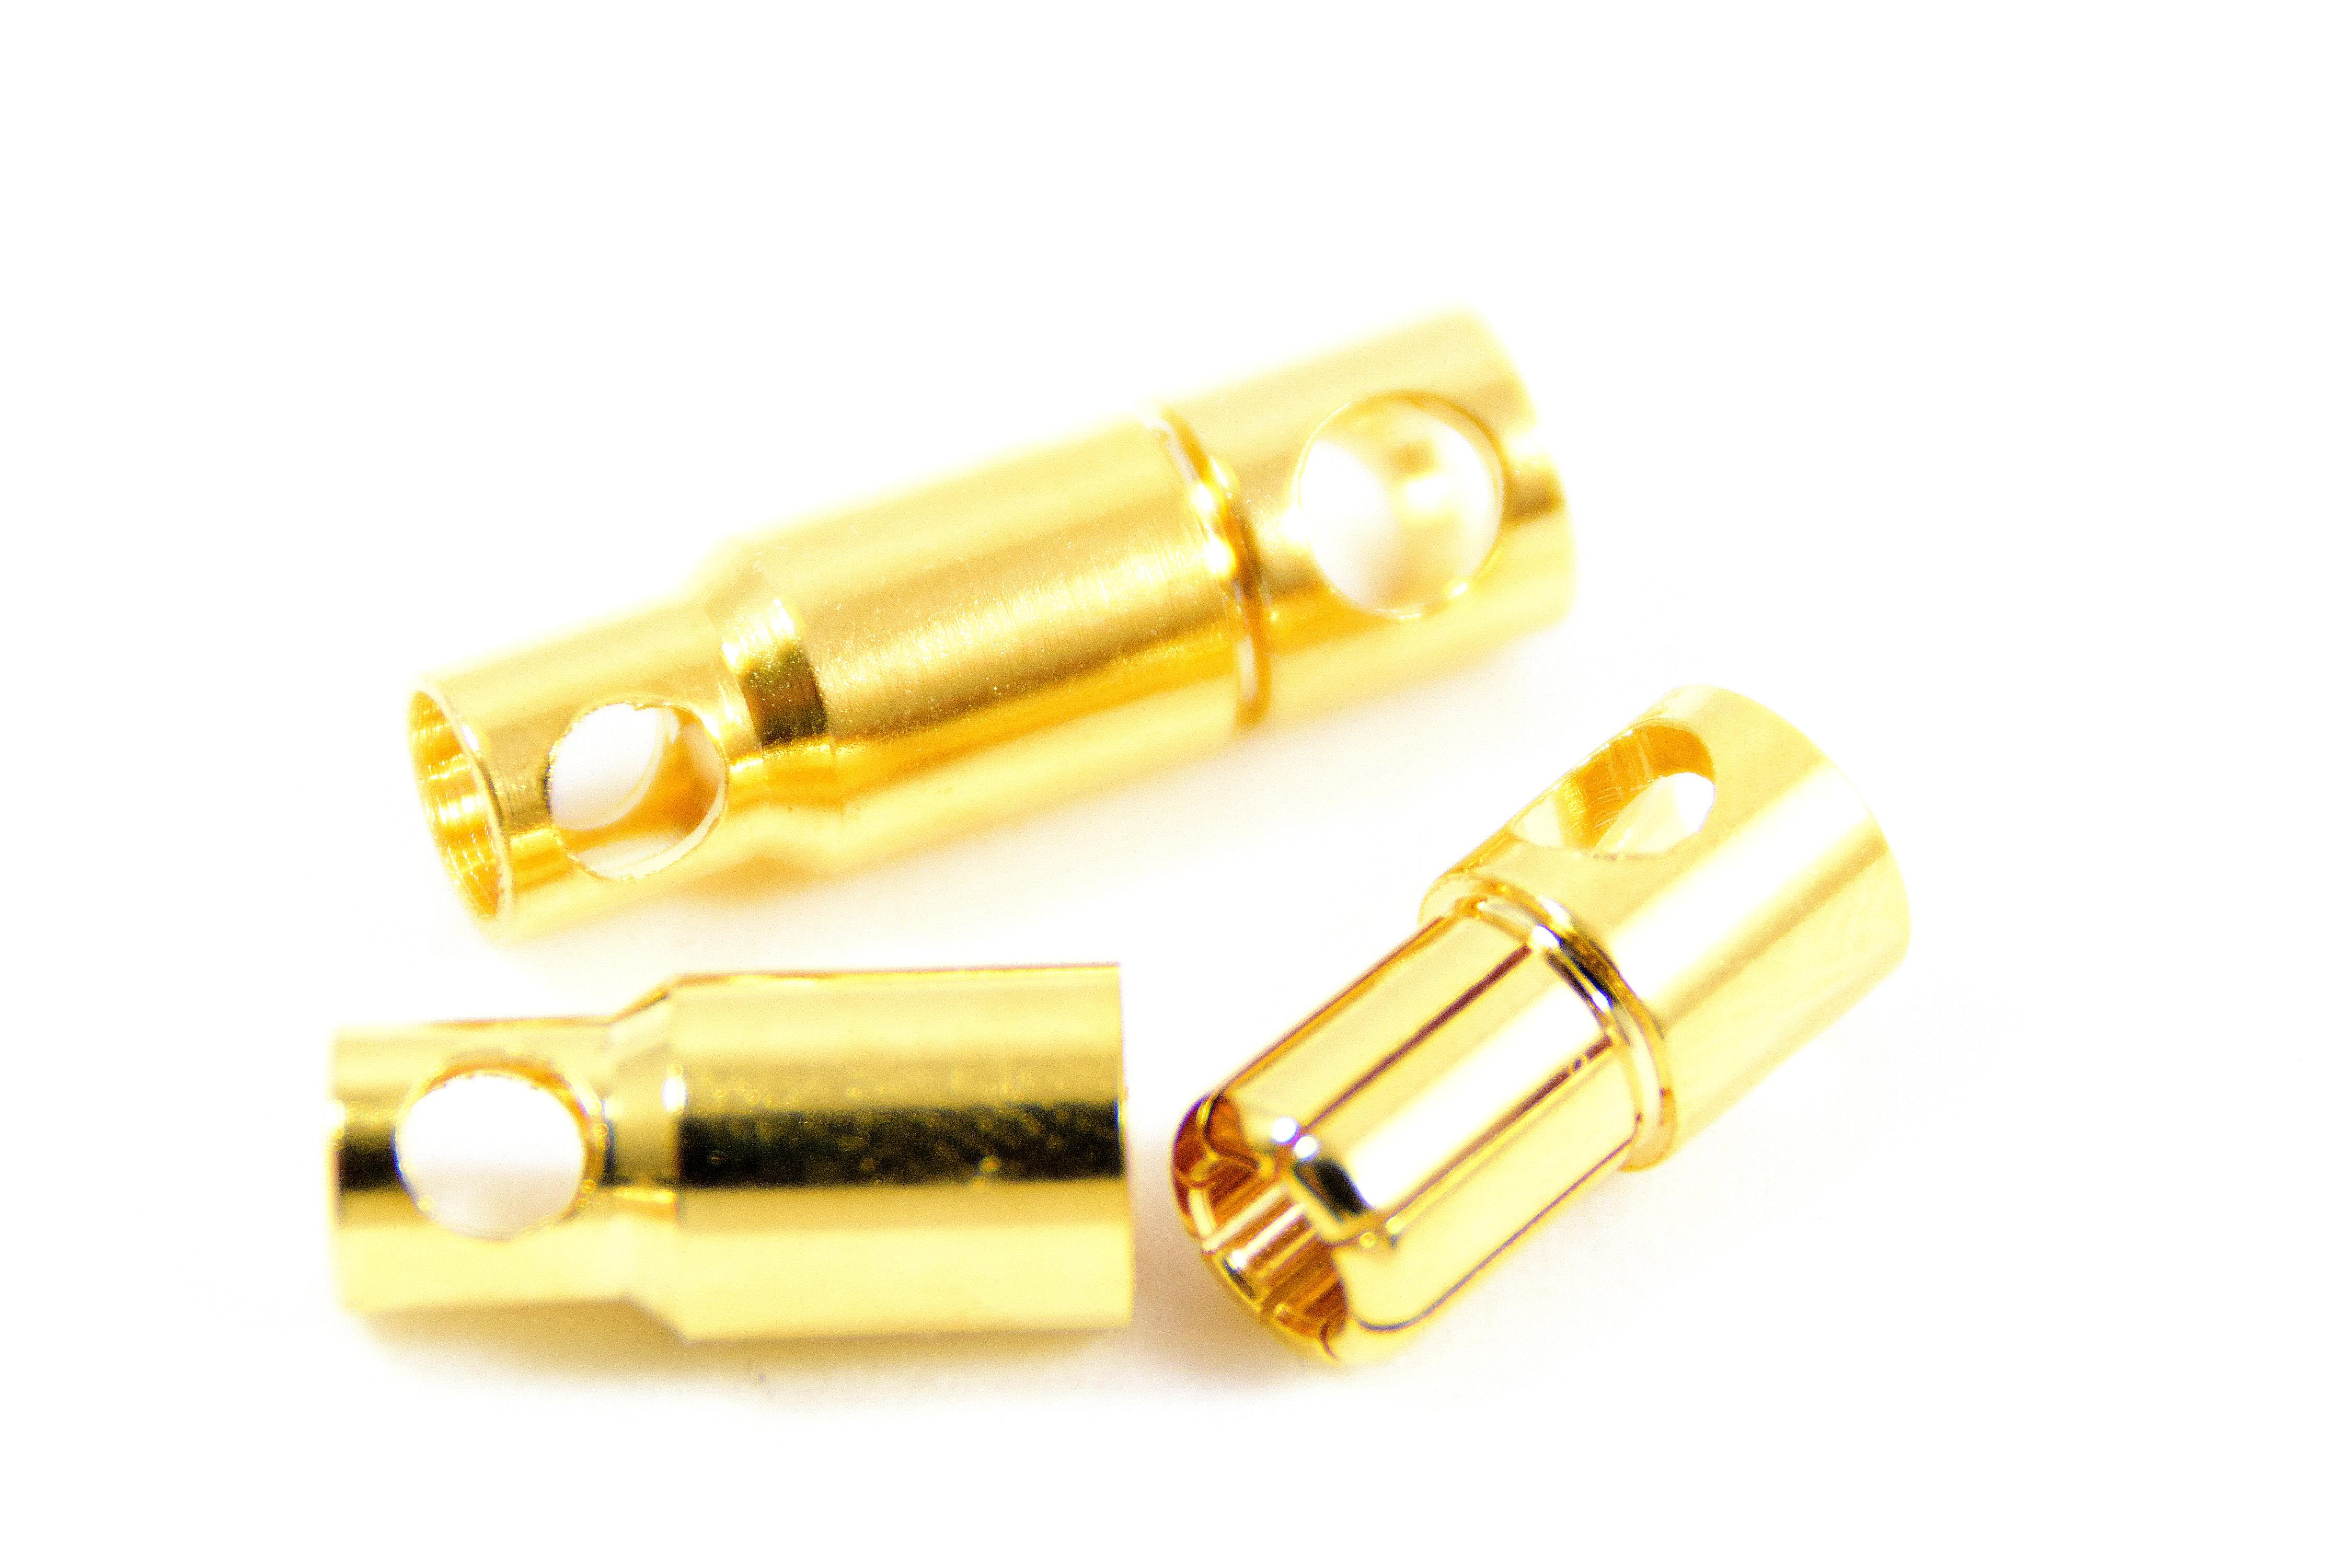 2x Einlass//Auslass Messing 90° für 4mm Schlauch Anschluss Düse Wasser Gas RC